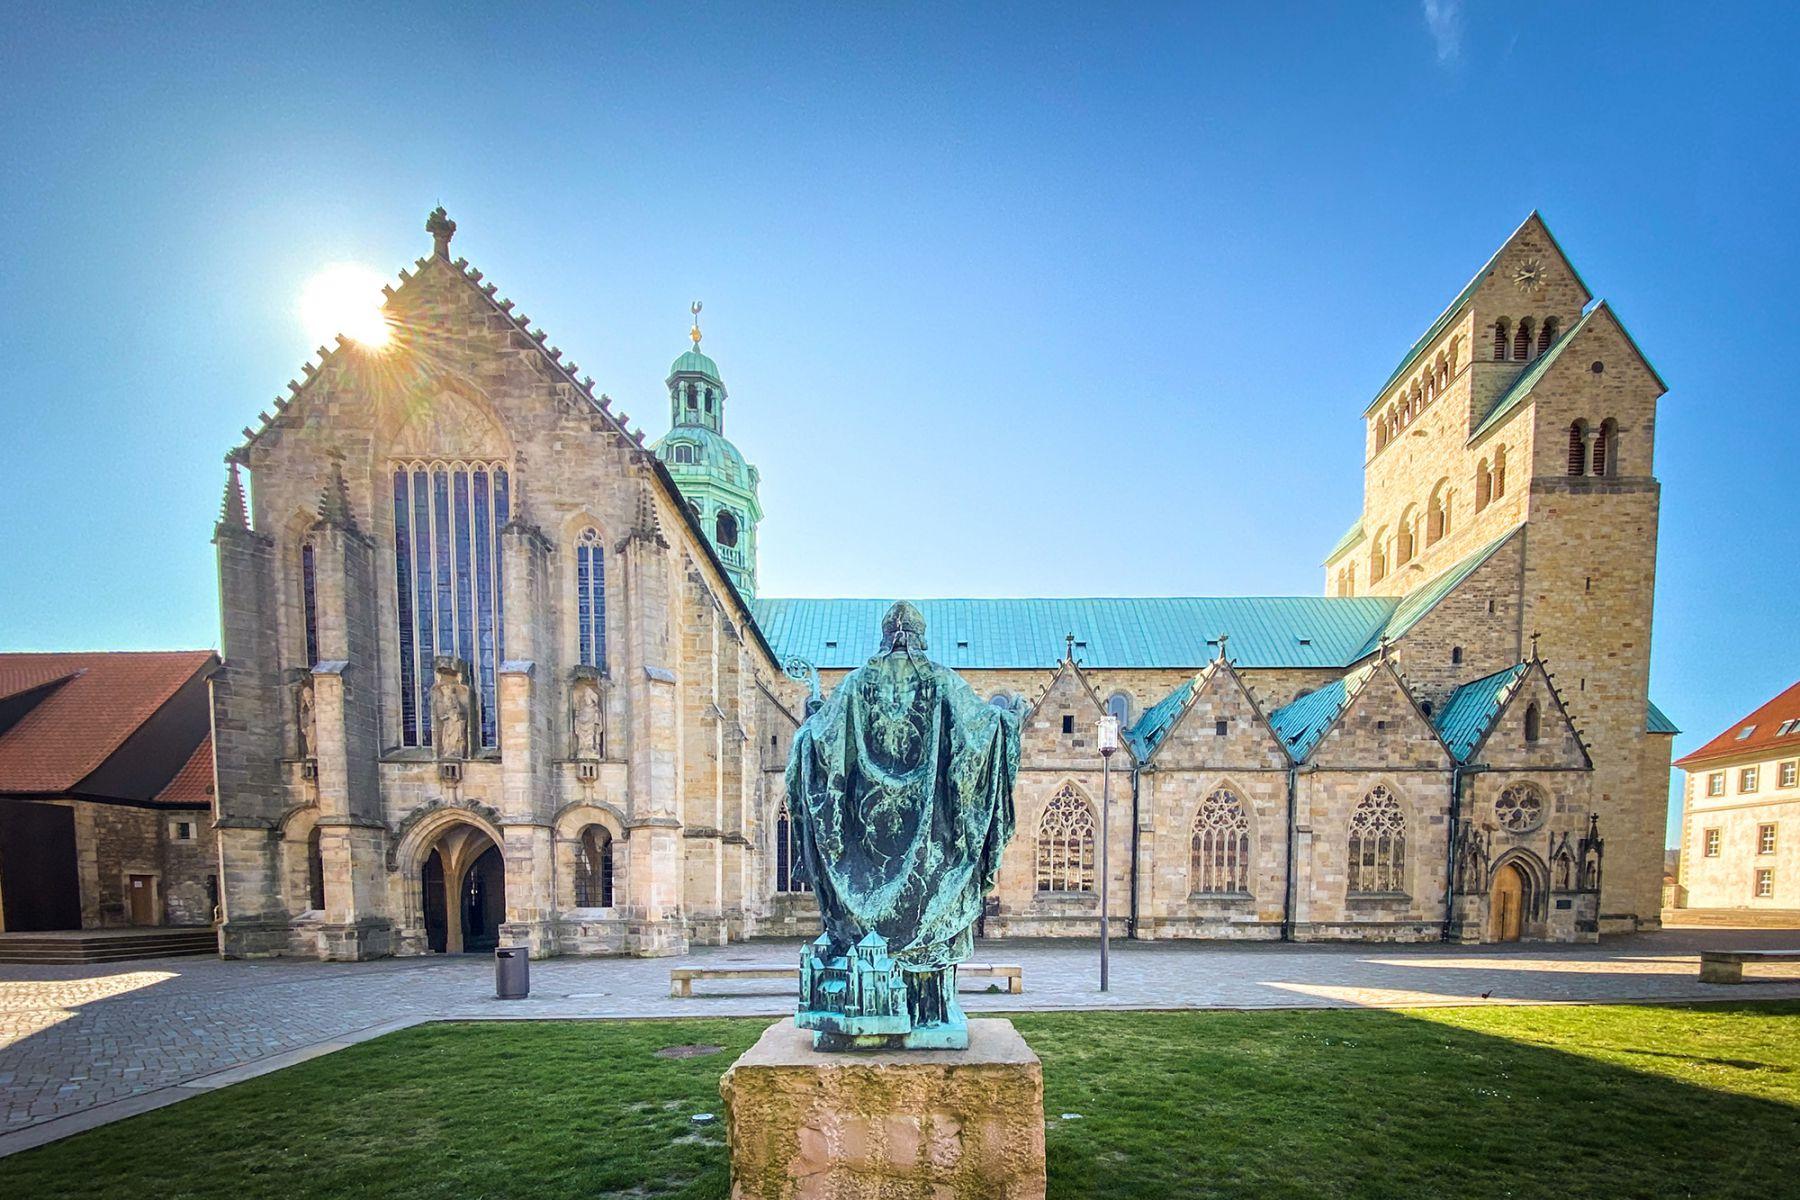 De UNESCO werelderfgoed kerken in Hildesheim